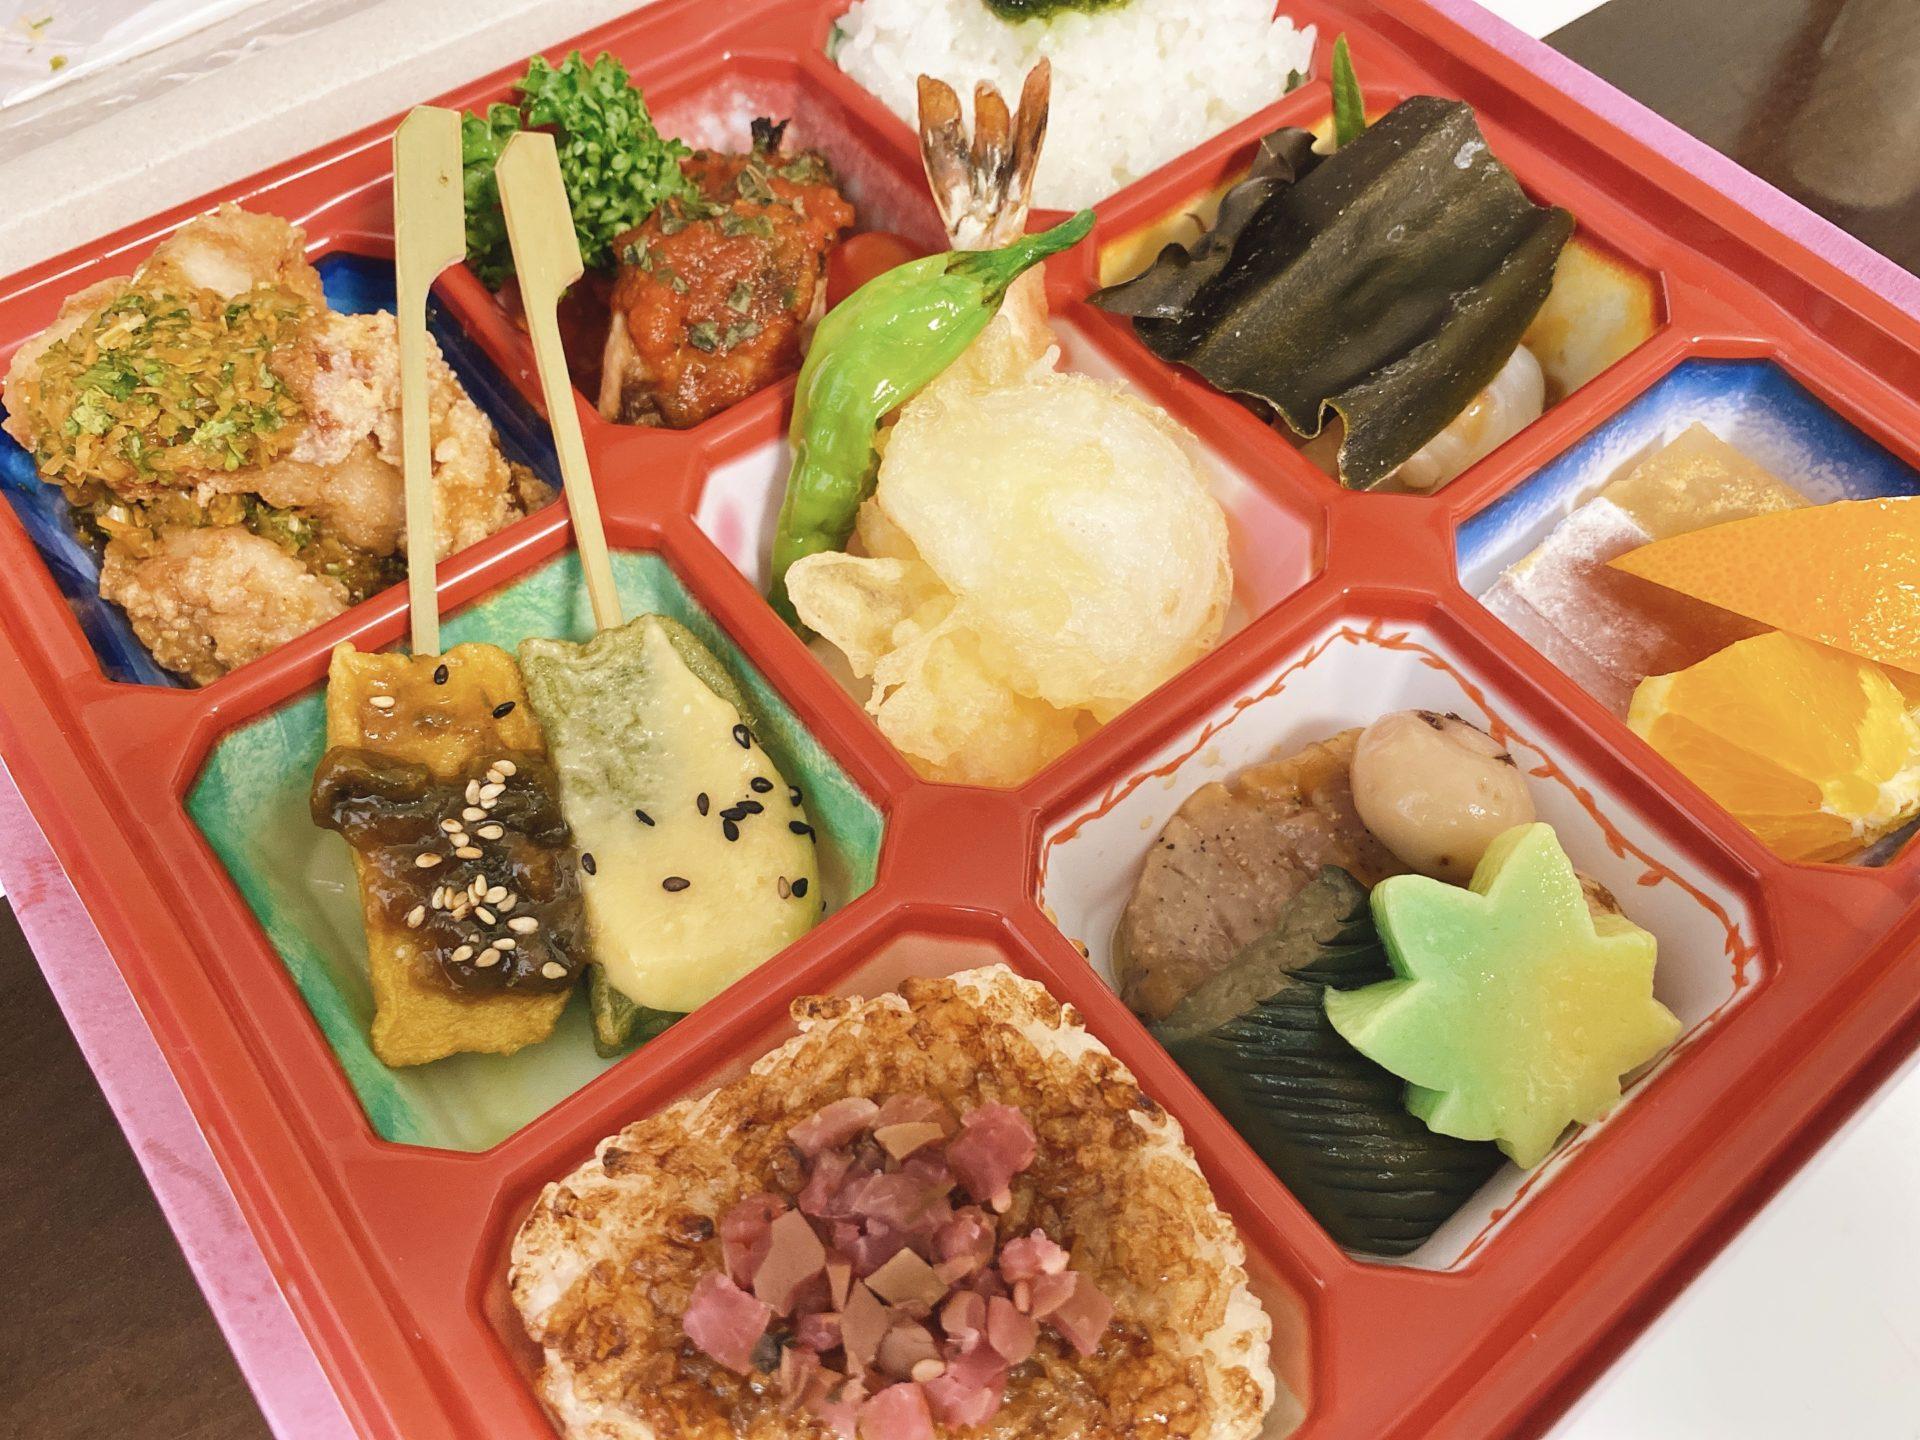 【岡山市北区のテイクアウト】岡大病院東側 創作和食 Gerne essen(ゲァネエッセン)のテイクアウトランチの豪華さと美味しさにノックアウト!